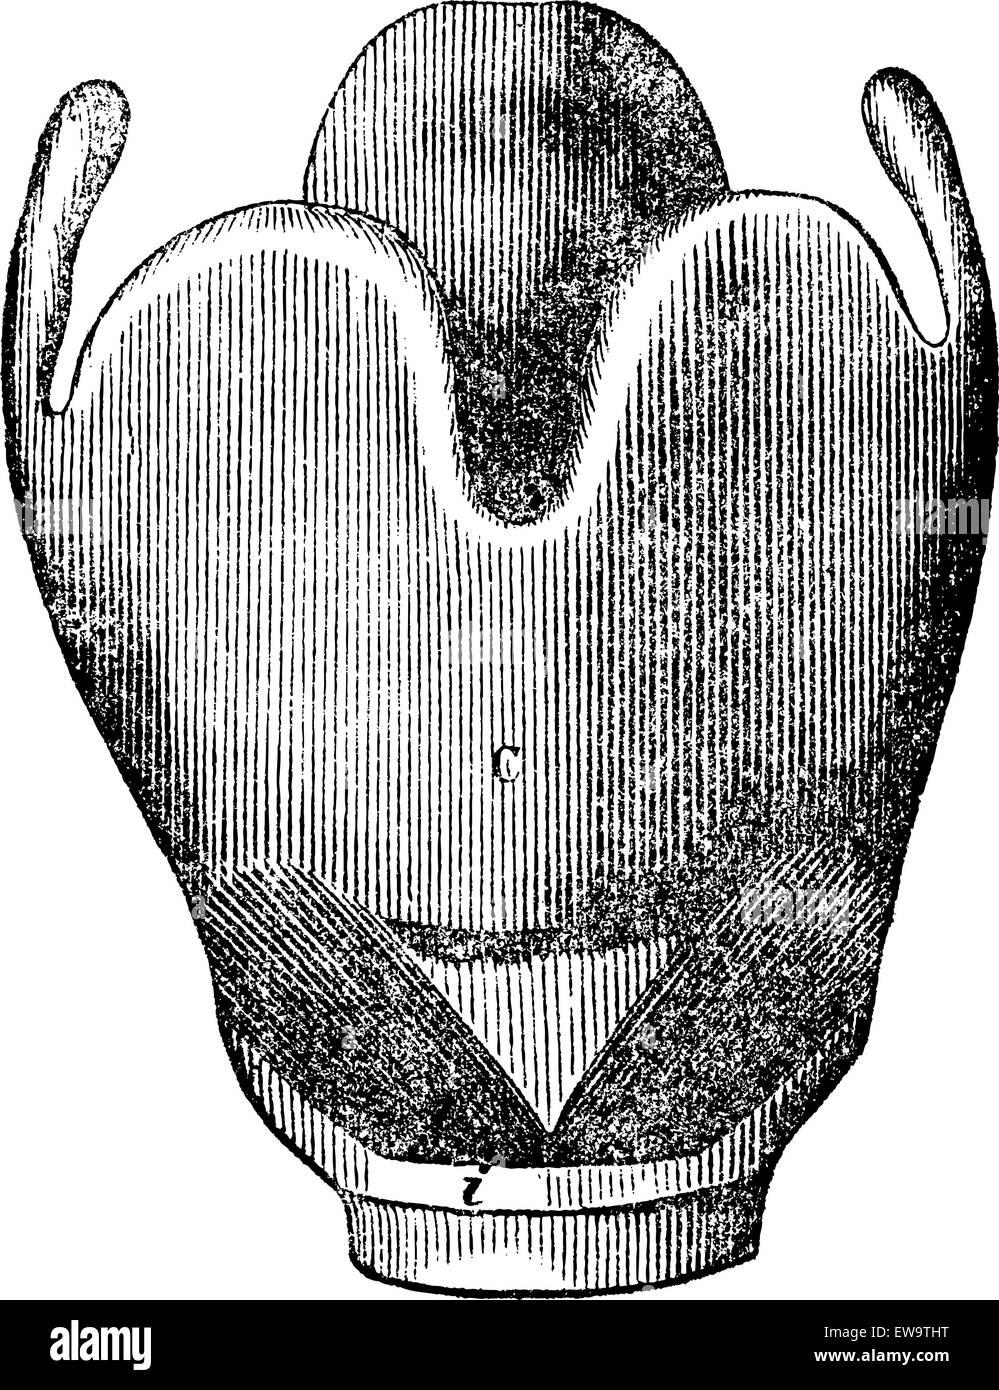 Groß Larynx Ct Anatomie Bilder - Anatomie Ideen - finotti.info